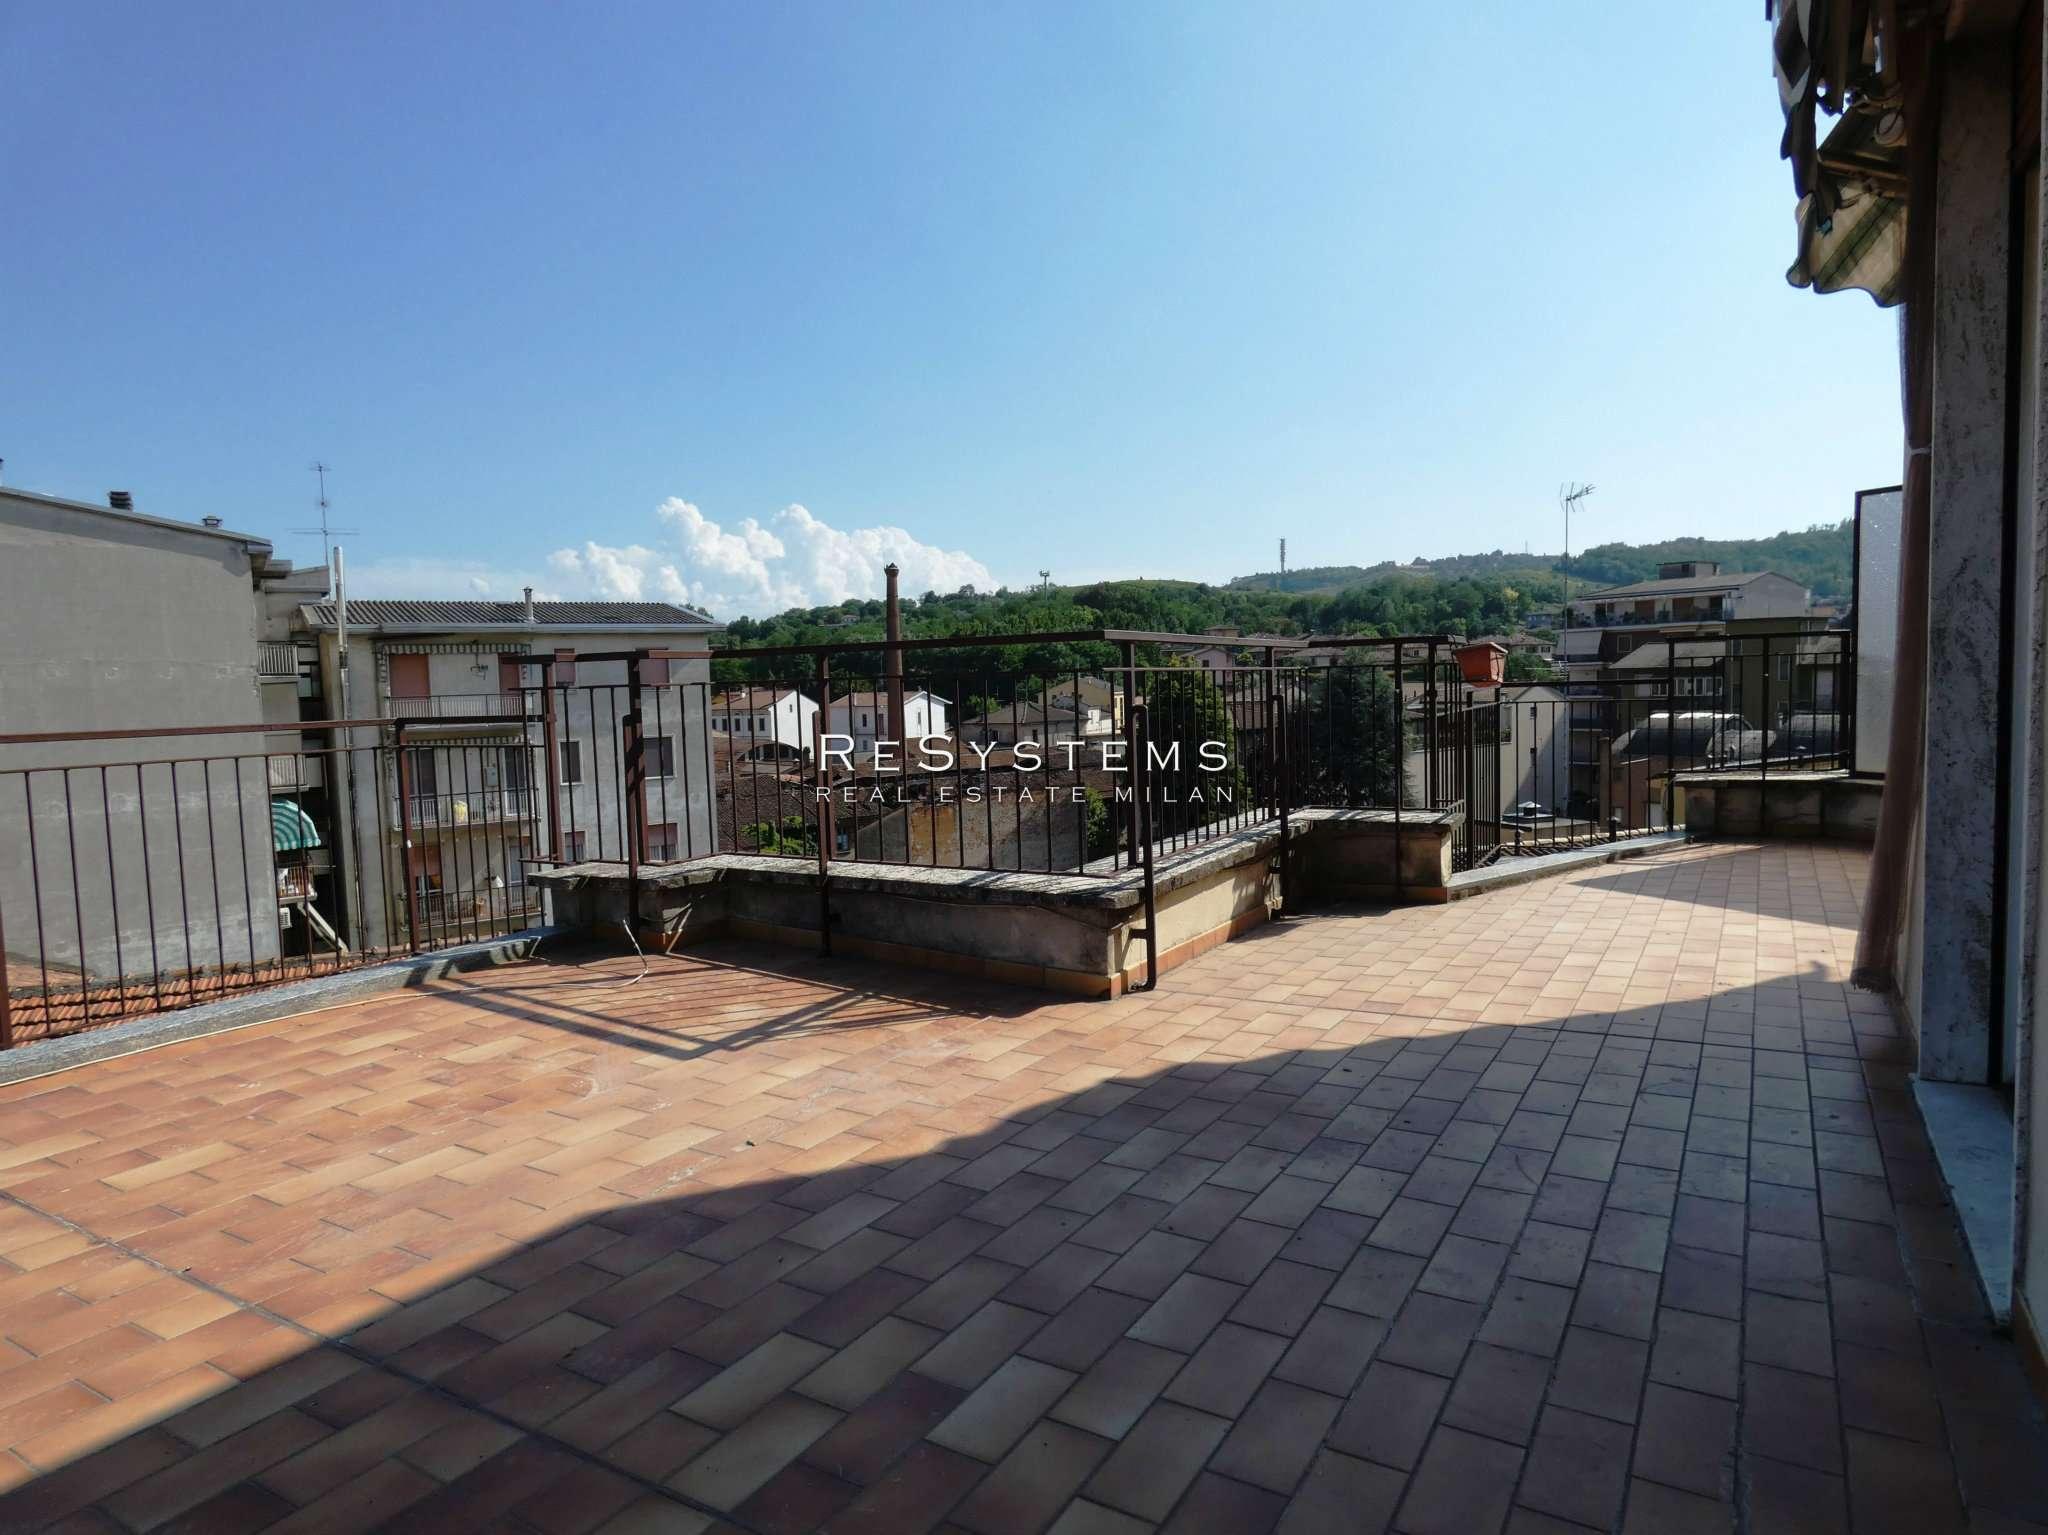 Attico / Mansarda in vendita a Stradella, 3 locali, prezzo € 80.000 | PortaleAgenzieImmobiliari.it